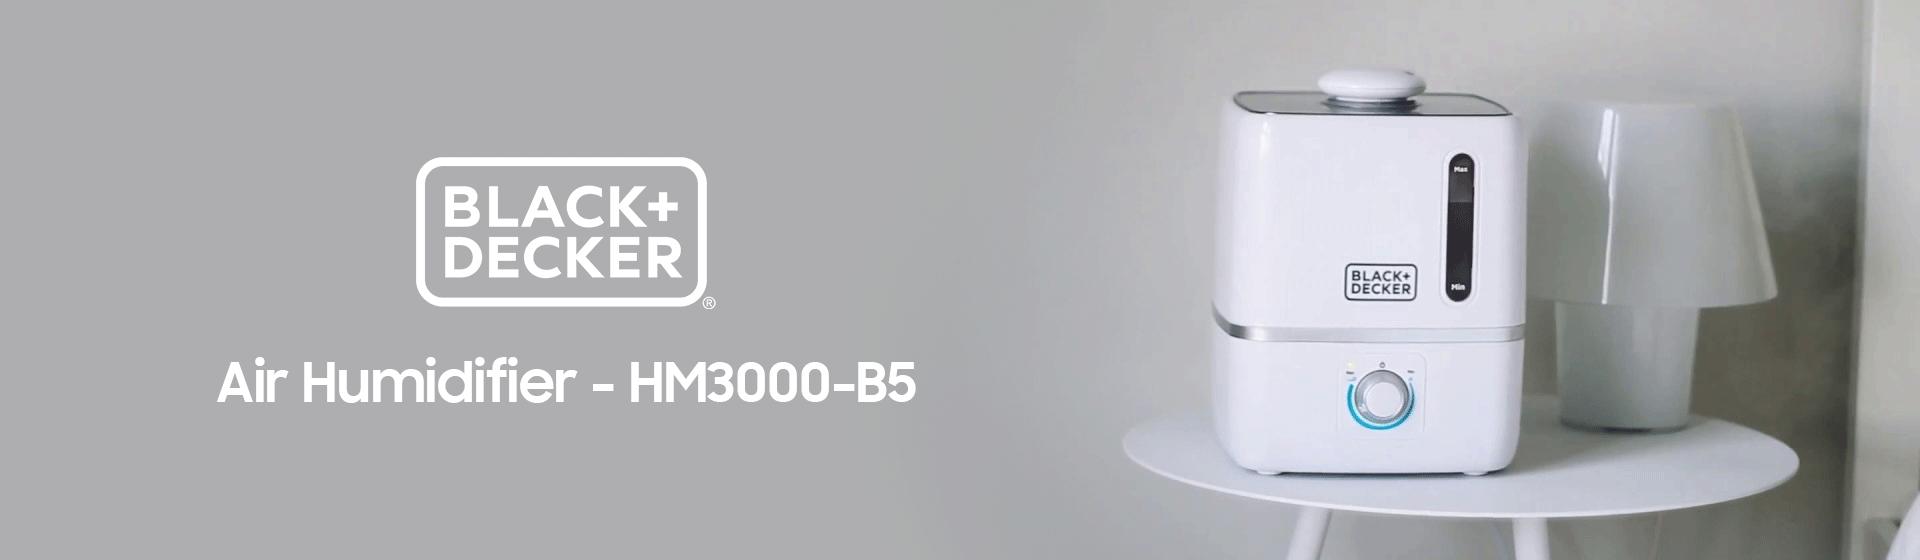 Black & Decker Air Humidifier